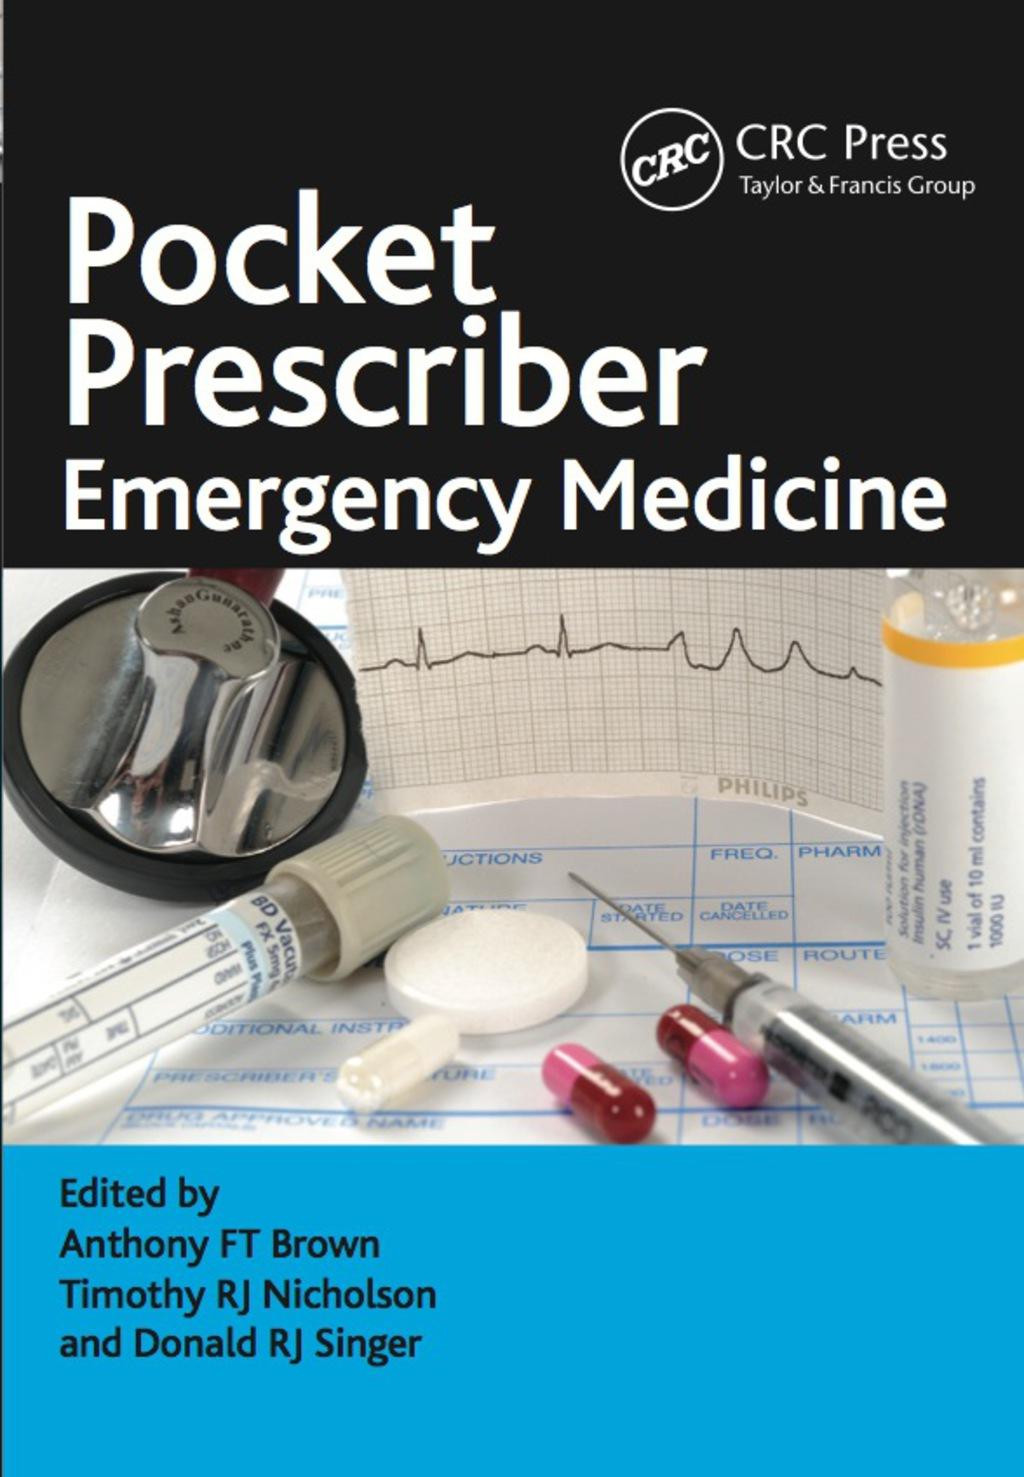 Pocket Prescriber Emergency Medicine (eBook Rental)